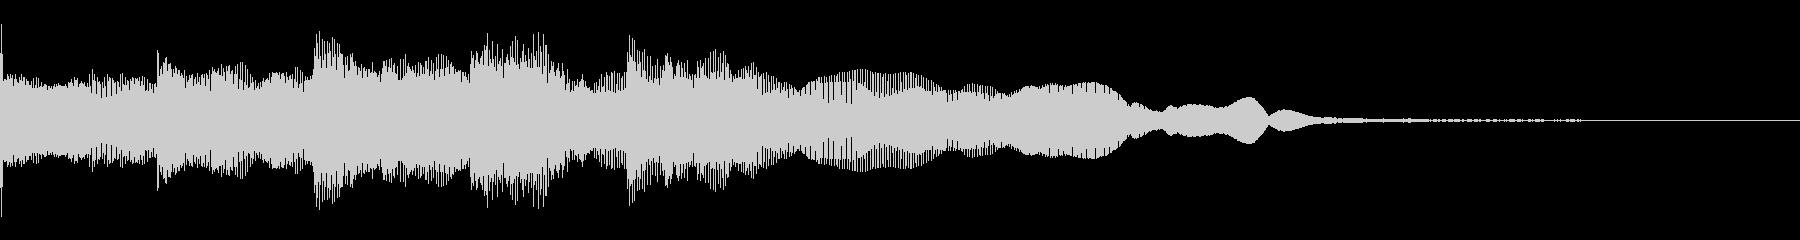 企業ロゴ、タイトルロゴ名等の使用を想定の未再生の波形